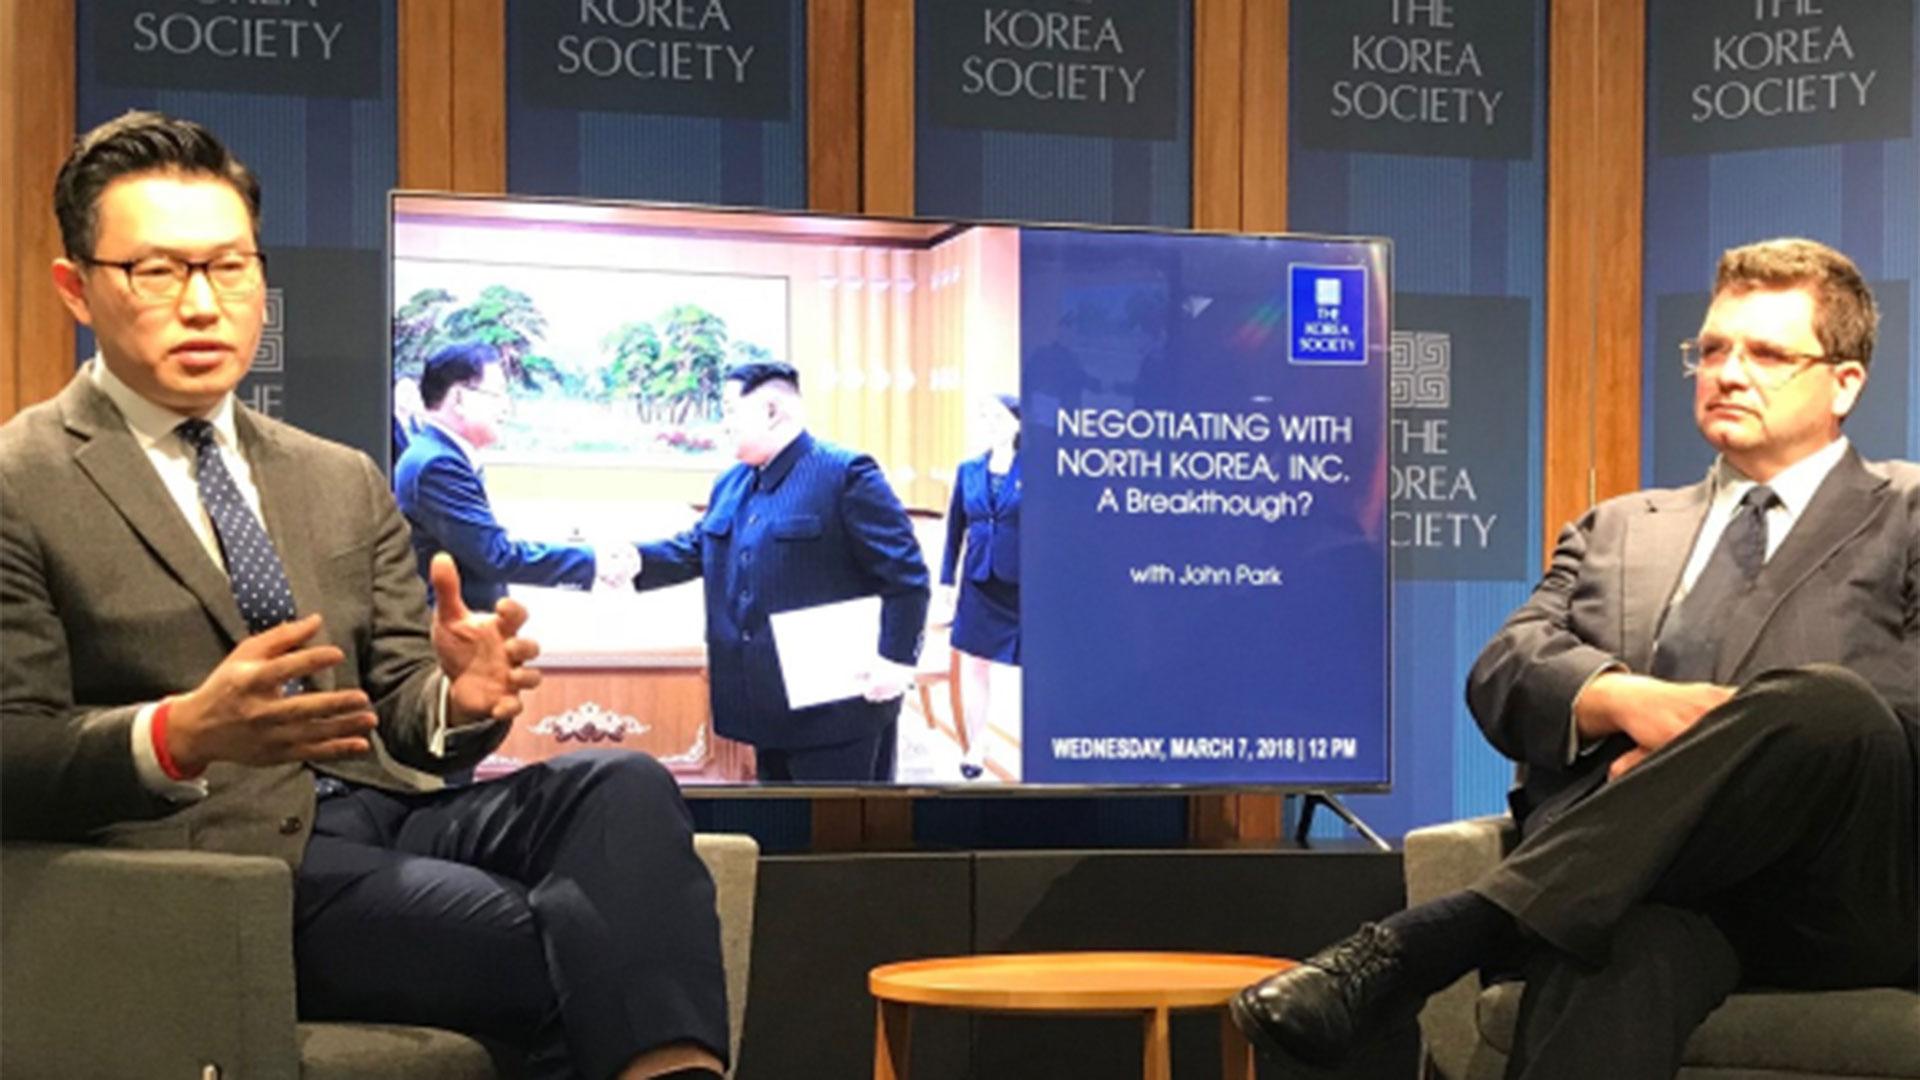 John Park (izquierda), el director del Korea Working Group en la Universidad de Harvard